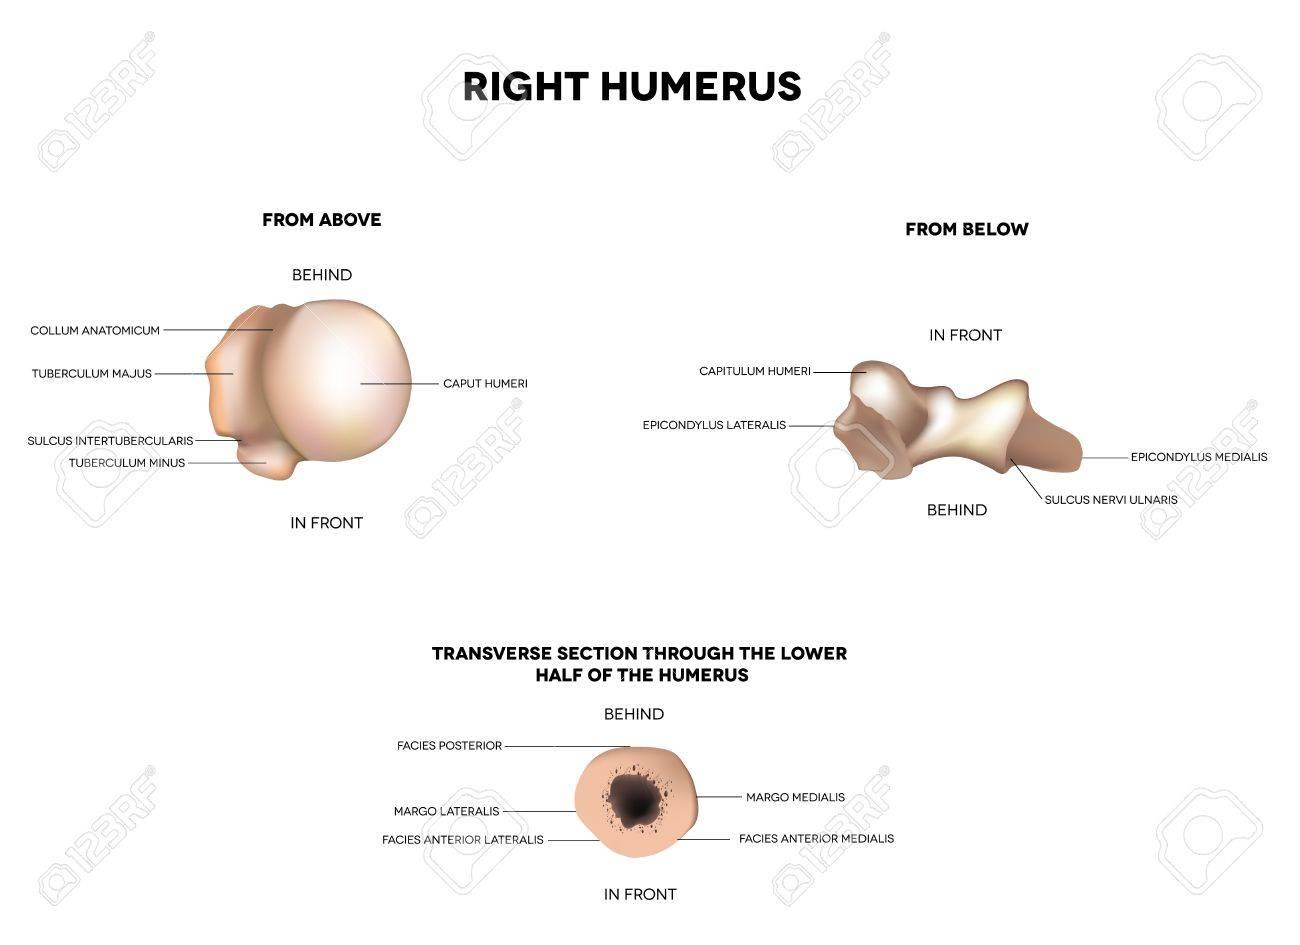 Humerus-Oberarmknochen, Von Oben, Von Unten Und Querschnitt Durch ...